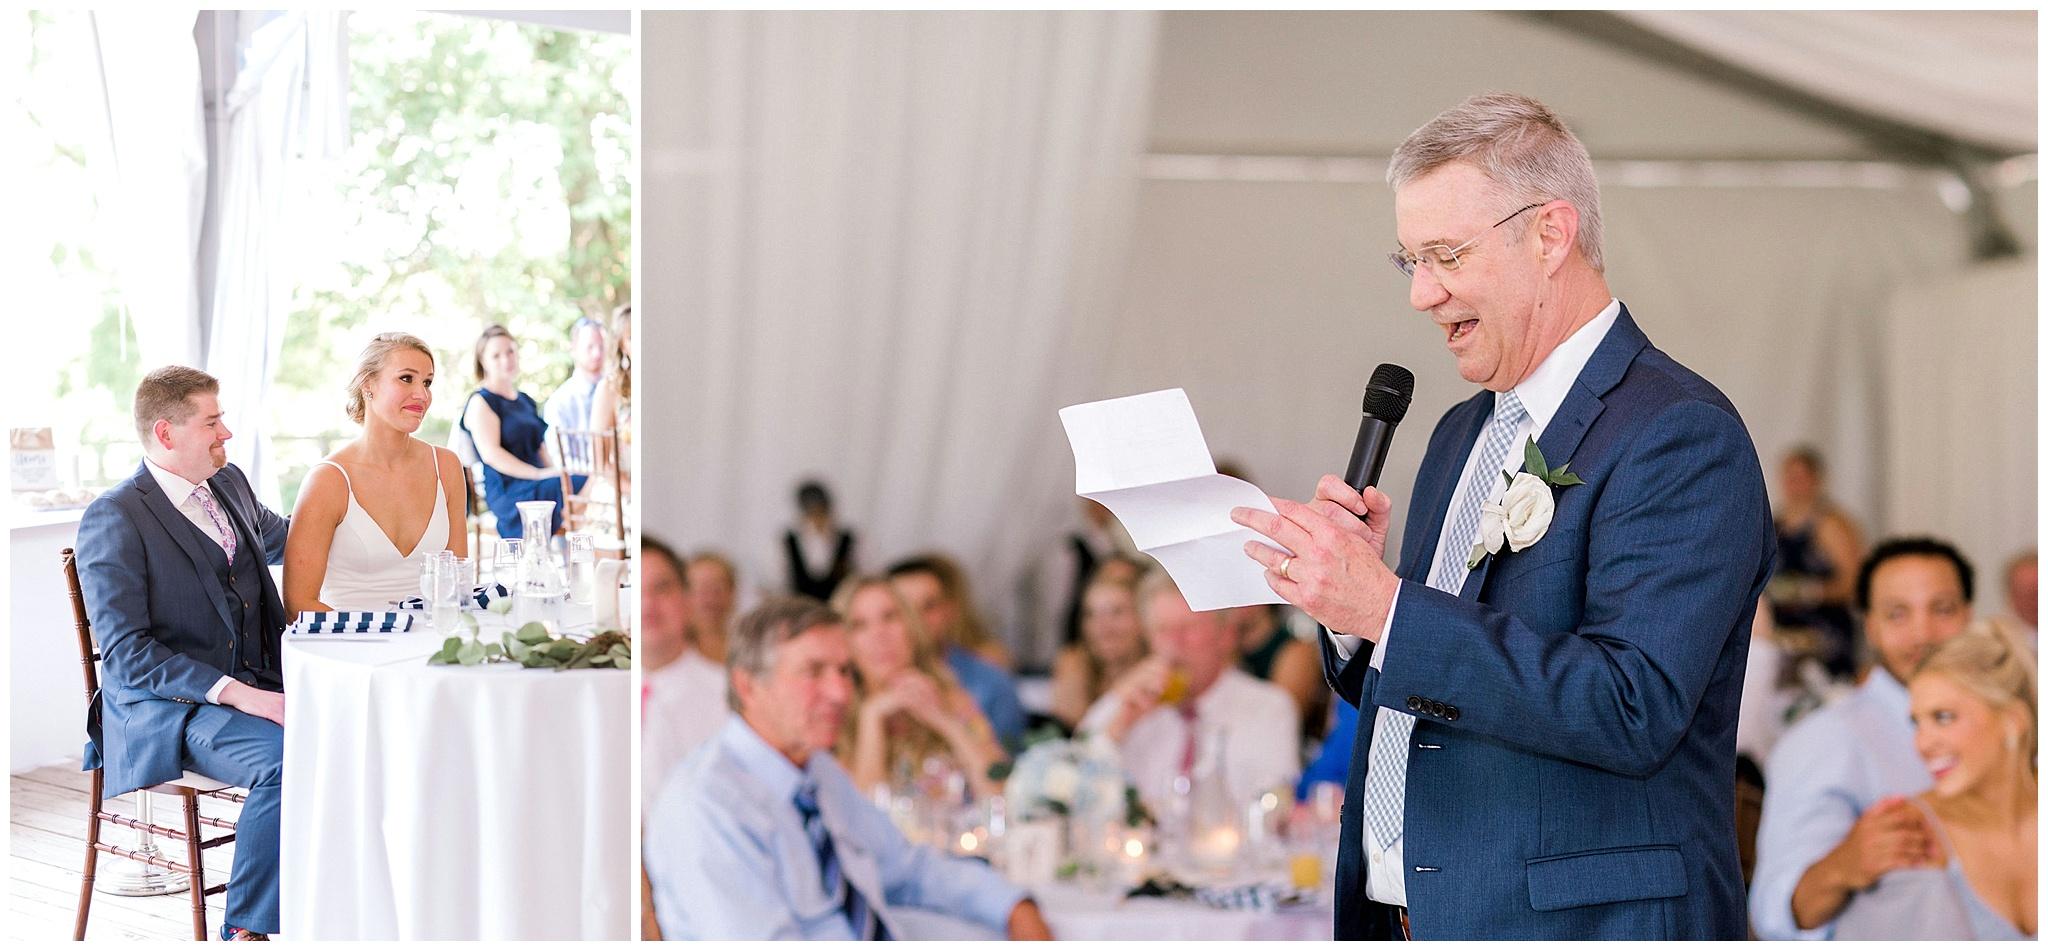 Walker's Overlook Wedding, DC Wedding Photographer